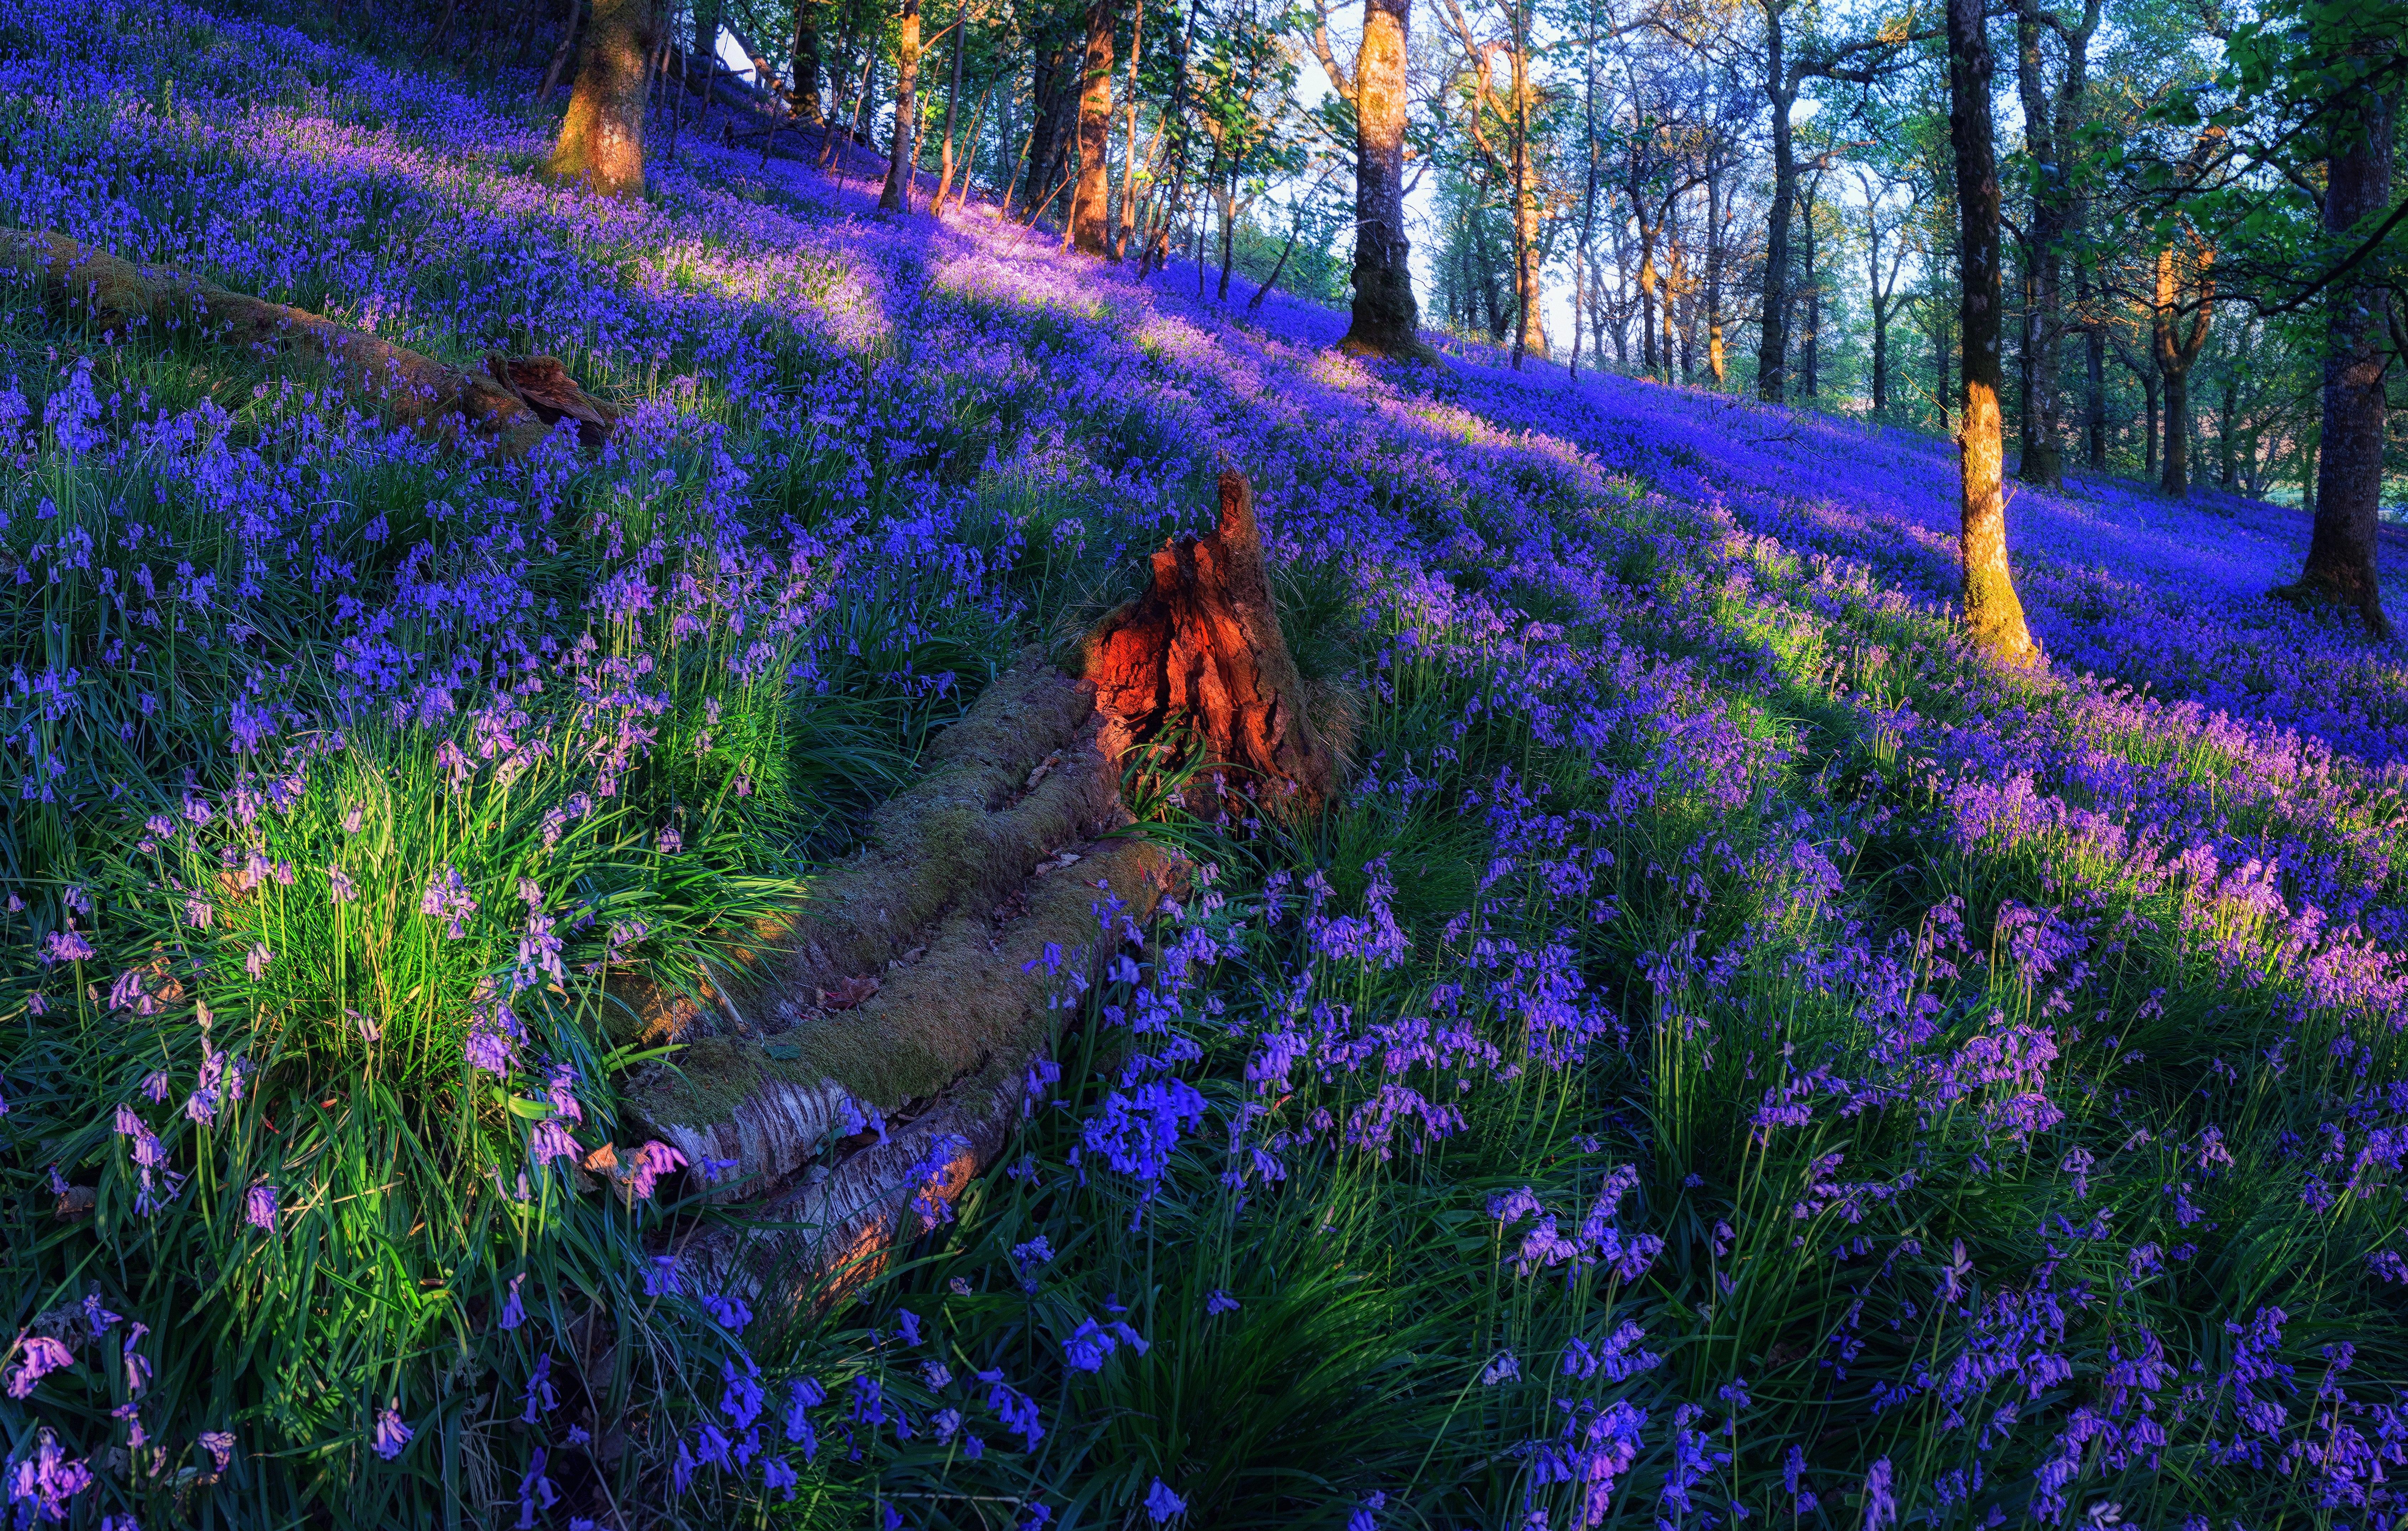 затраты, которые лес цветы фото на рабочий стол делает